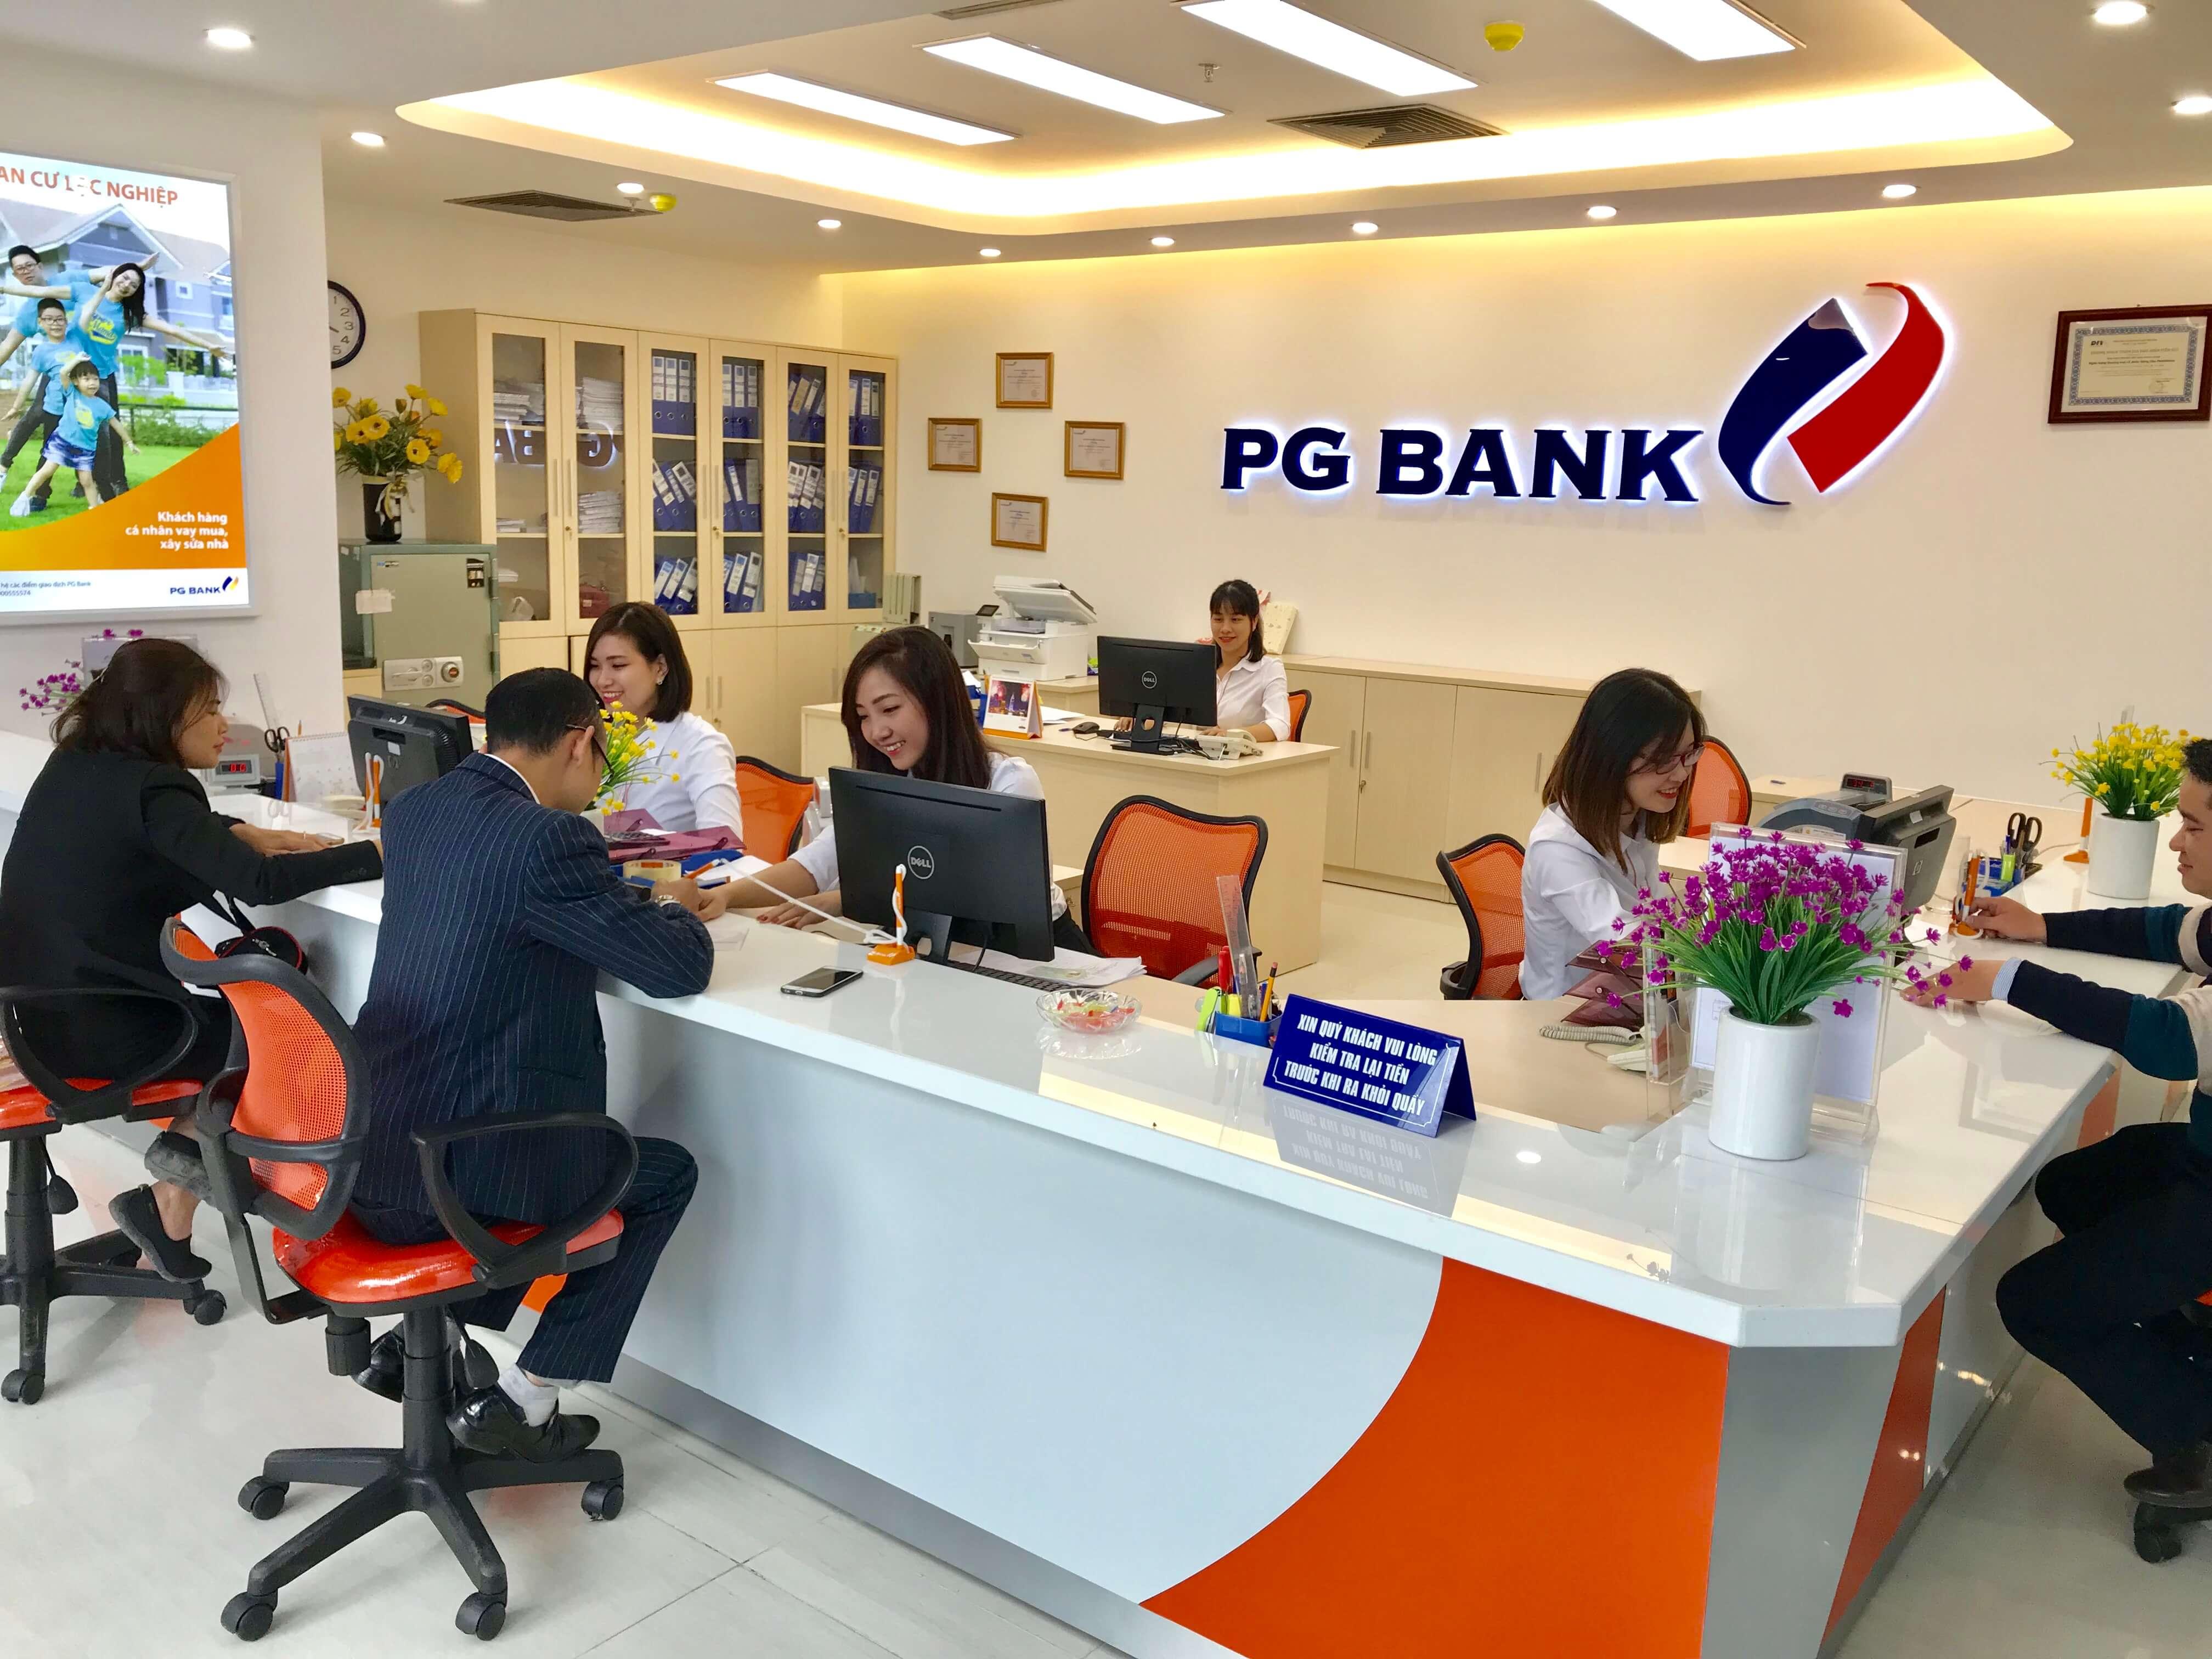 Khách hàng lựa chọn vay tín chấp tại PG Bank được hưởng nhiều lợi ích